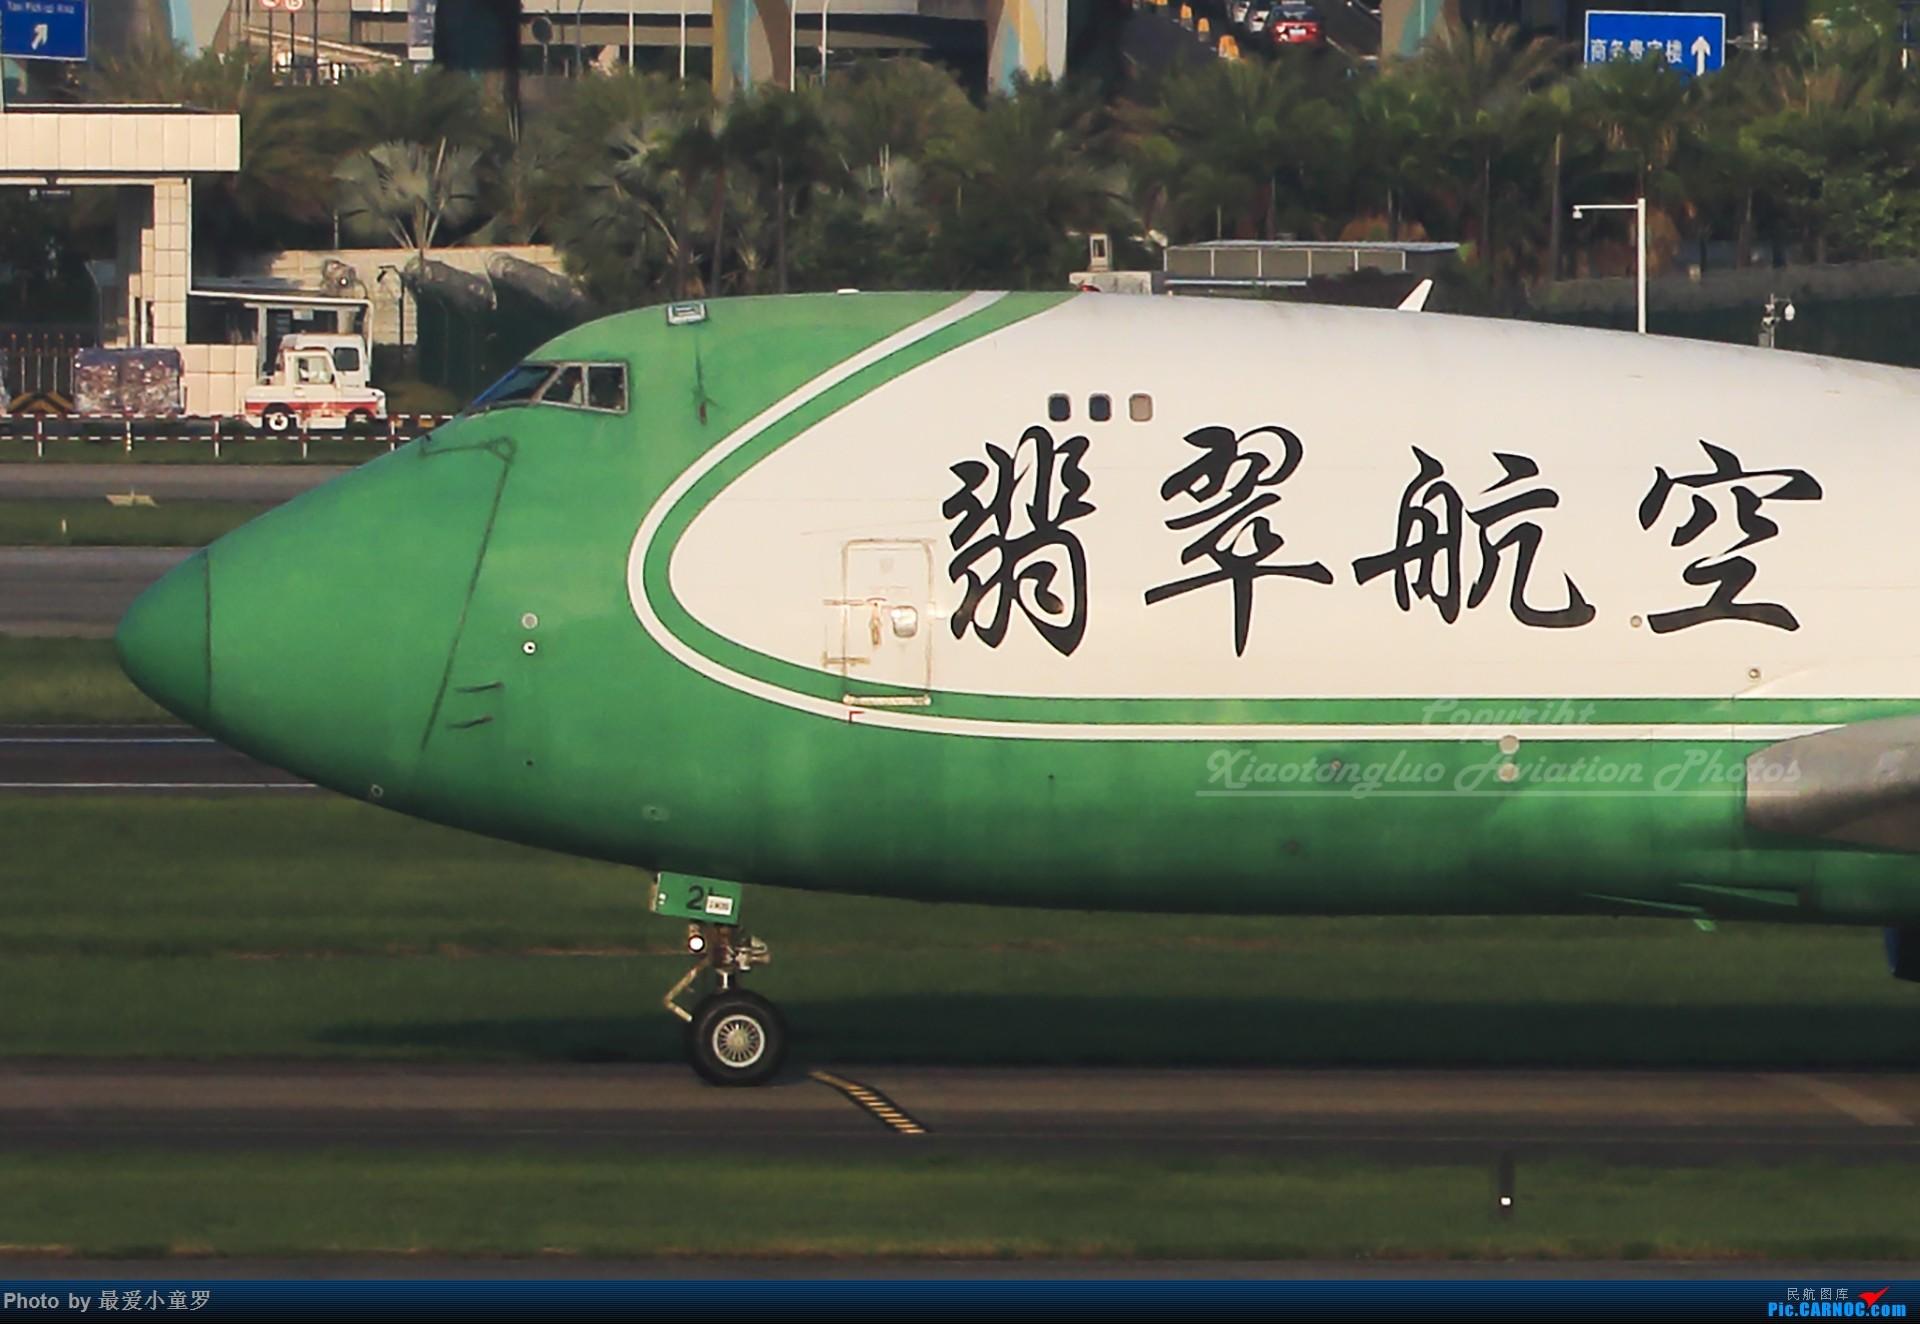 """Re:[原创]绿头747""""复活""""——组图记录翡翠747深圳试飞 BOEING 747-400 2-ACED 中国深圳宝安国际机场"""